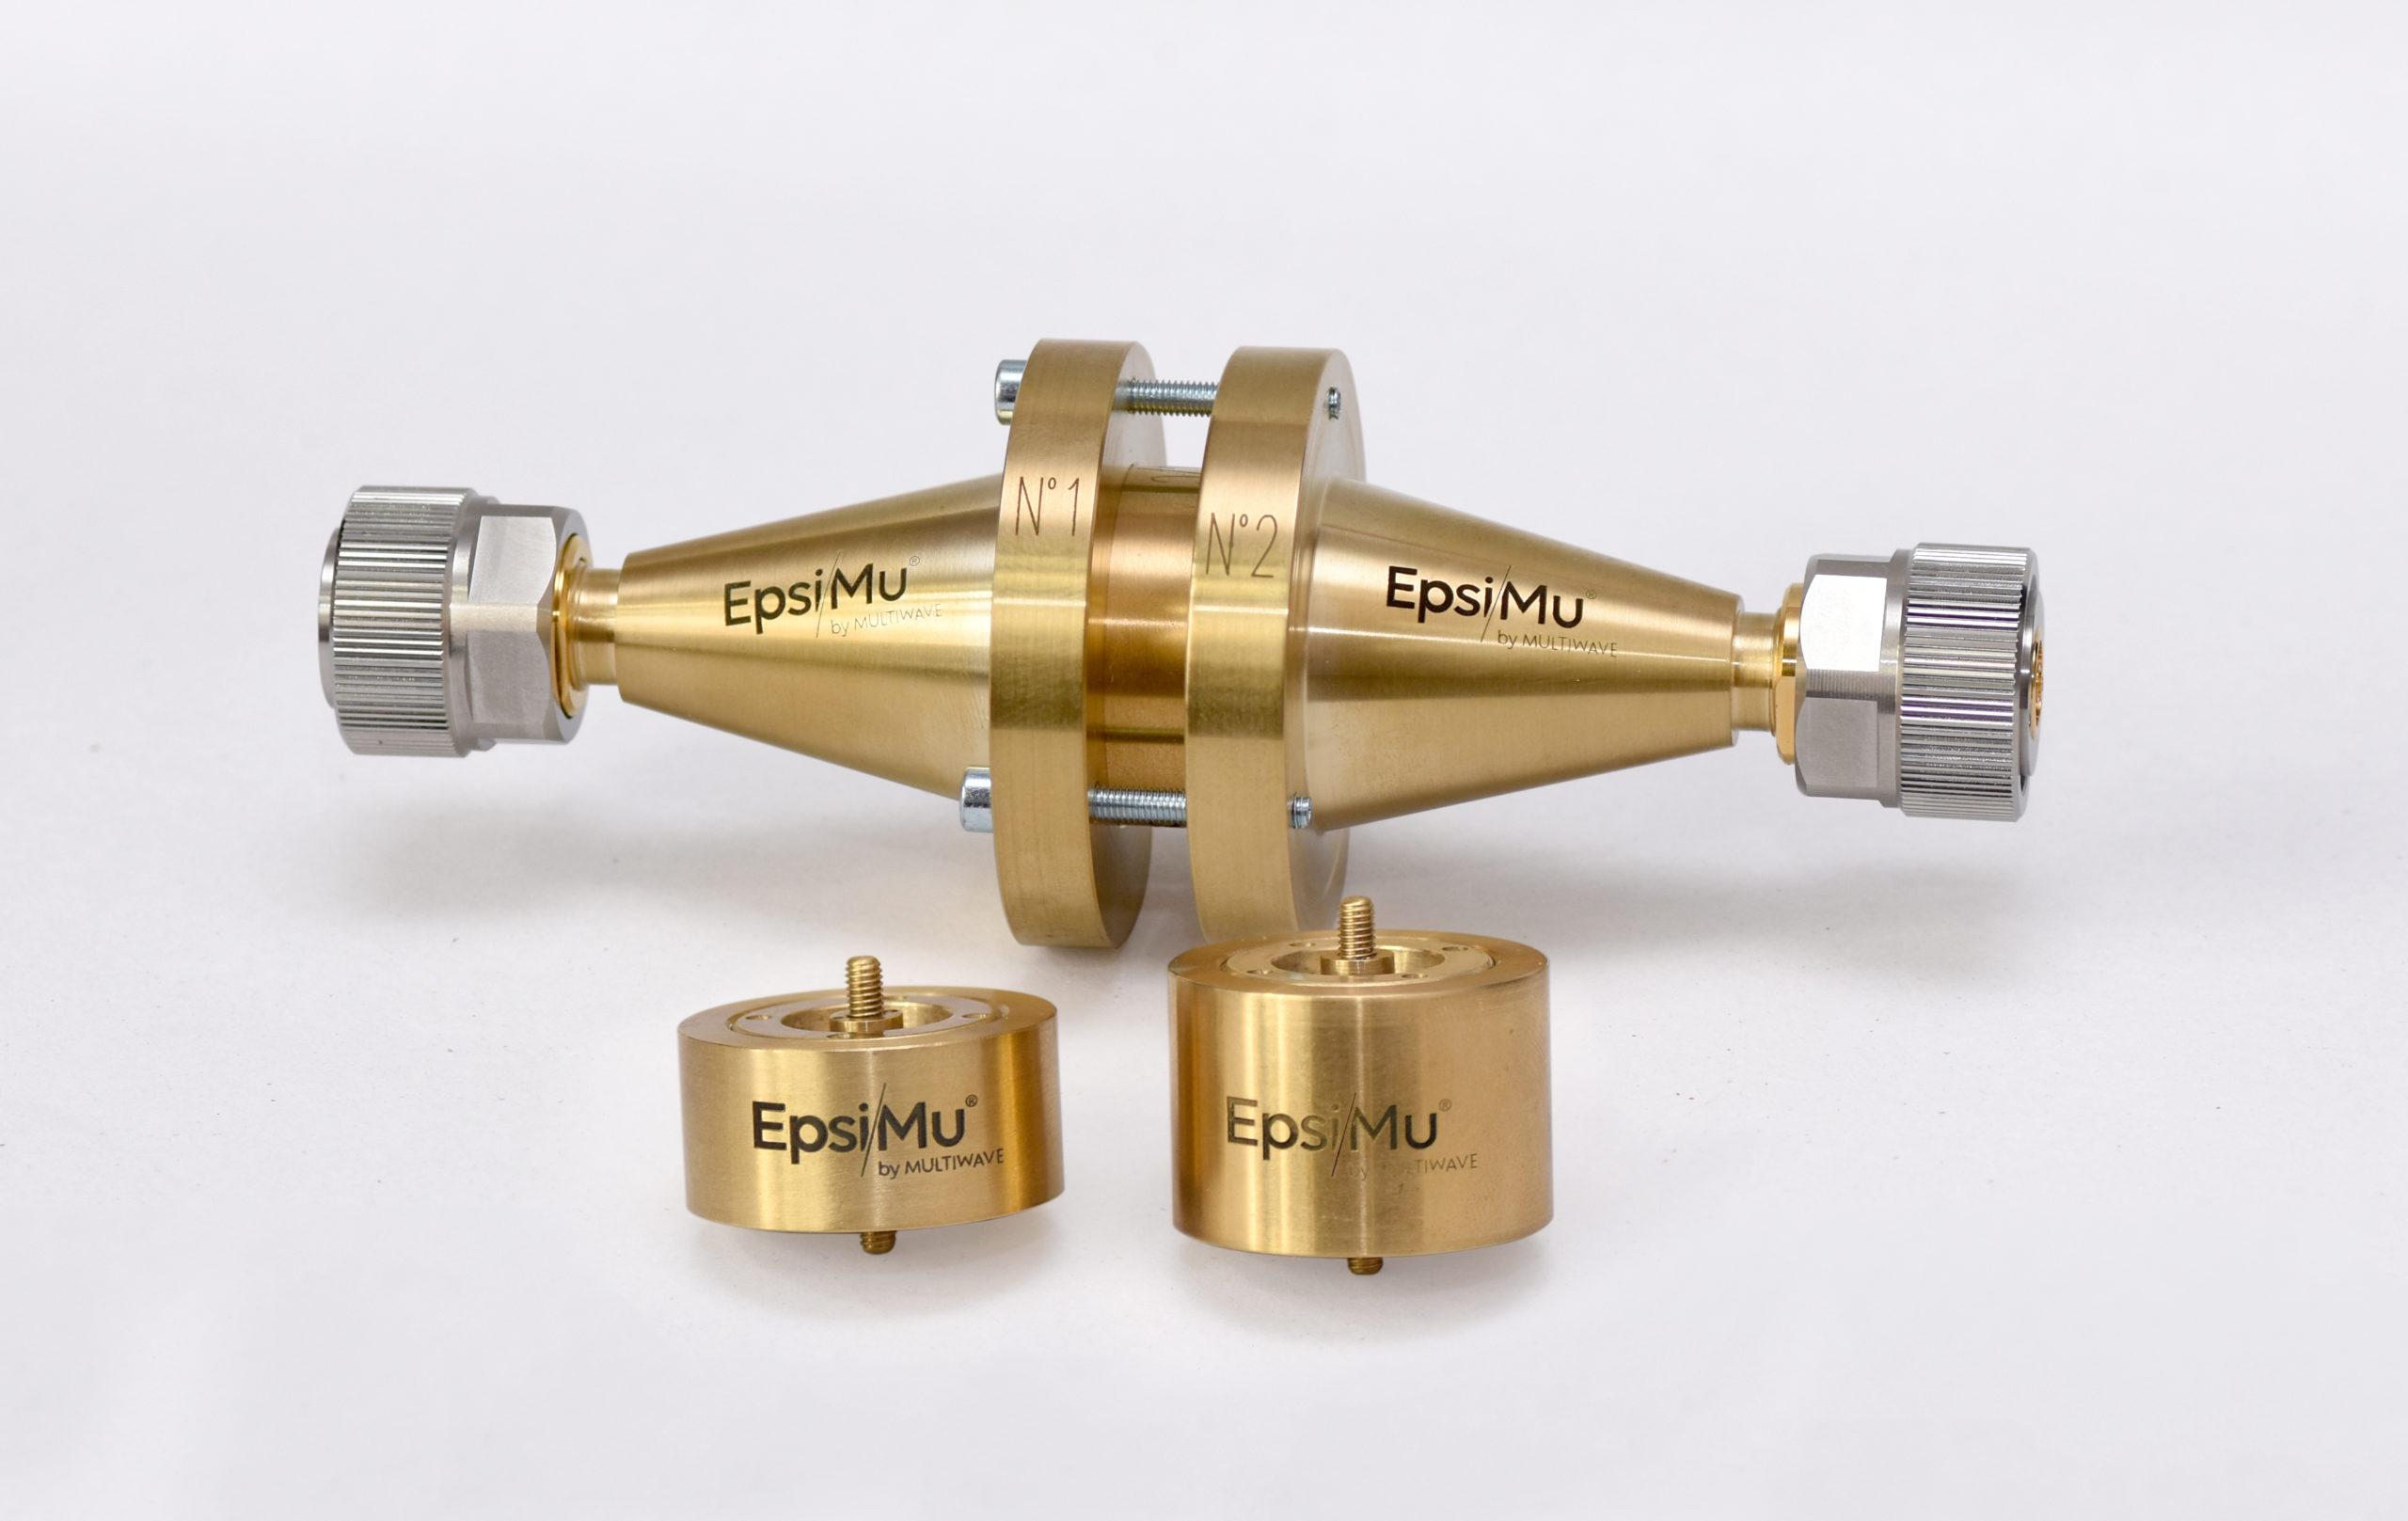 EpsiMu PE13 electromagnetic properties measurement kit